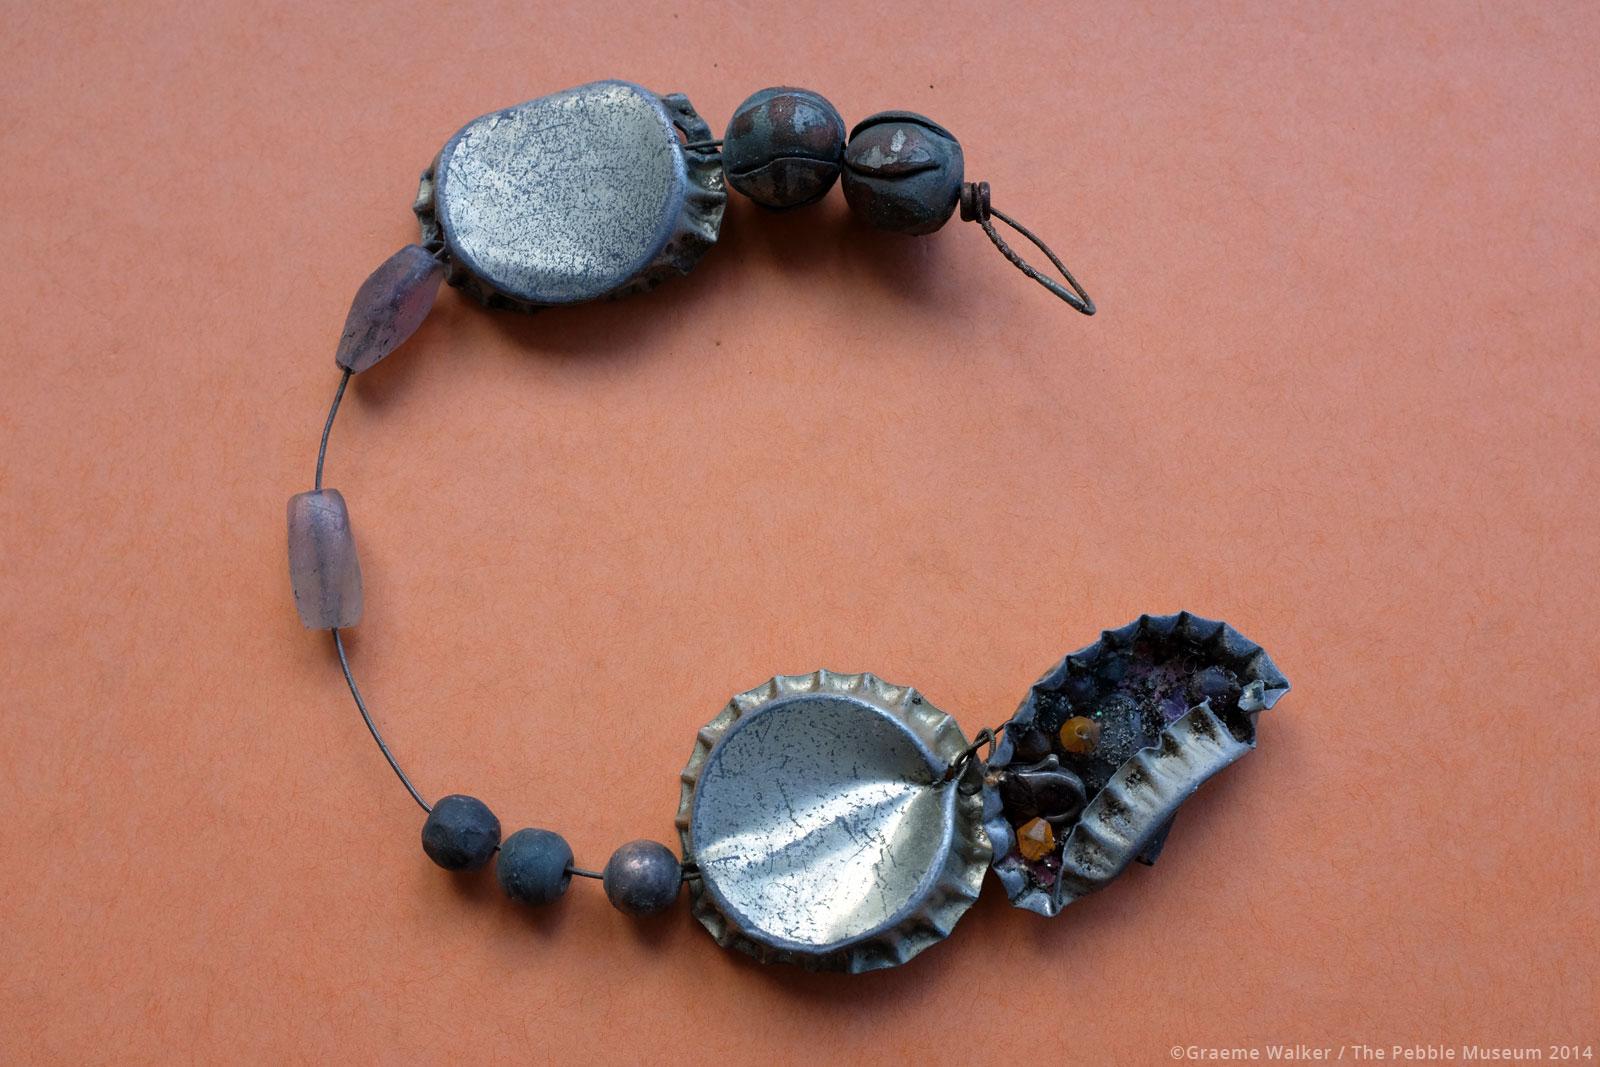 Bottle Cap and Sea Glass Bracelet © Graeme Walker / The Pebble Museum 2019